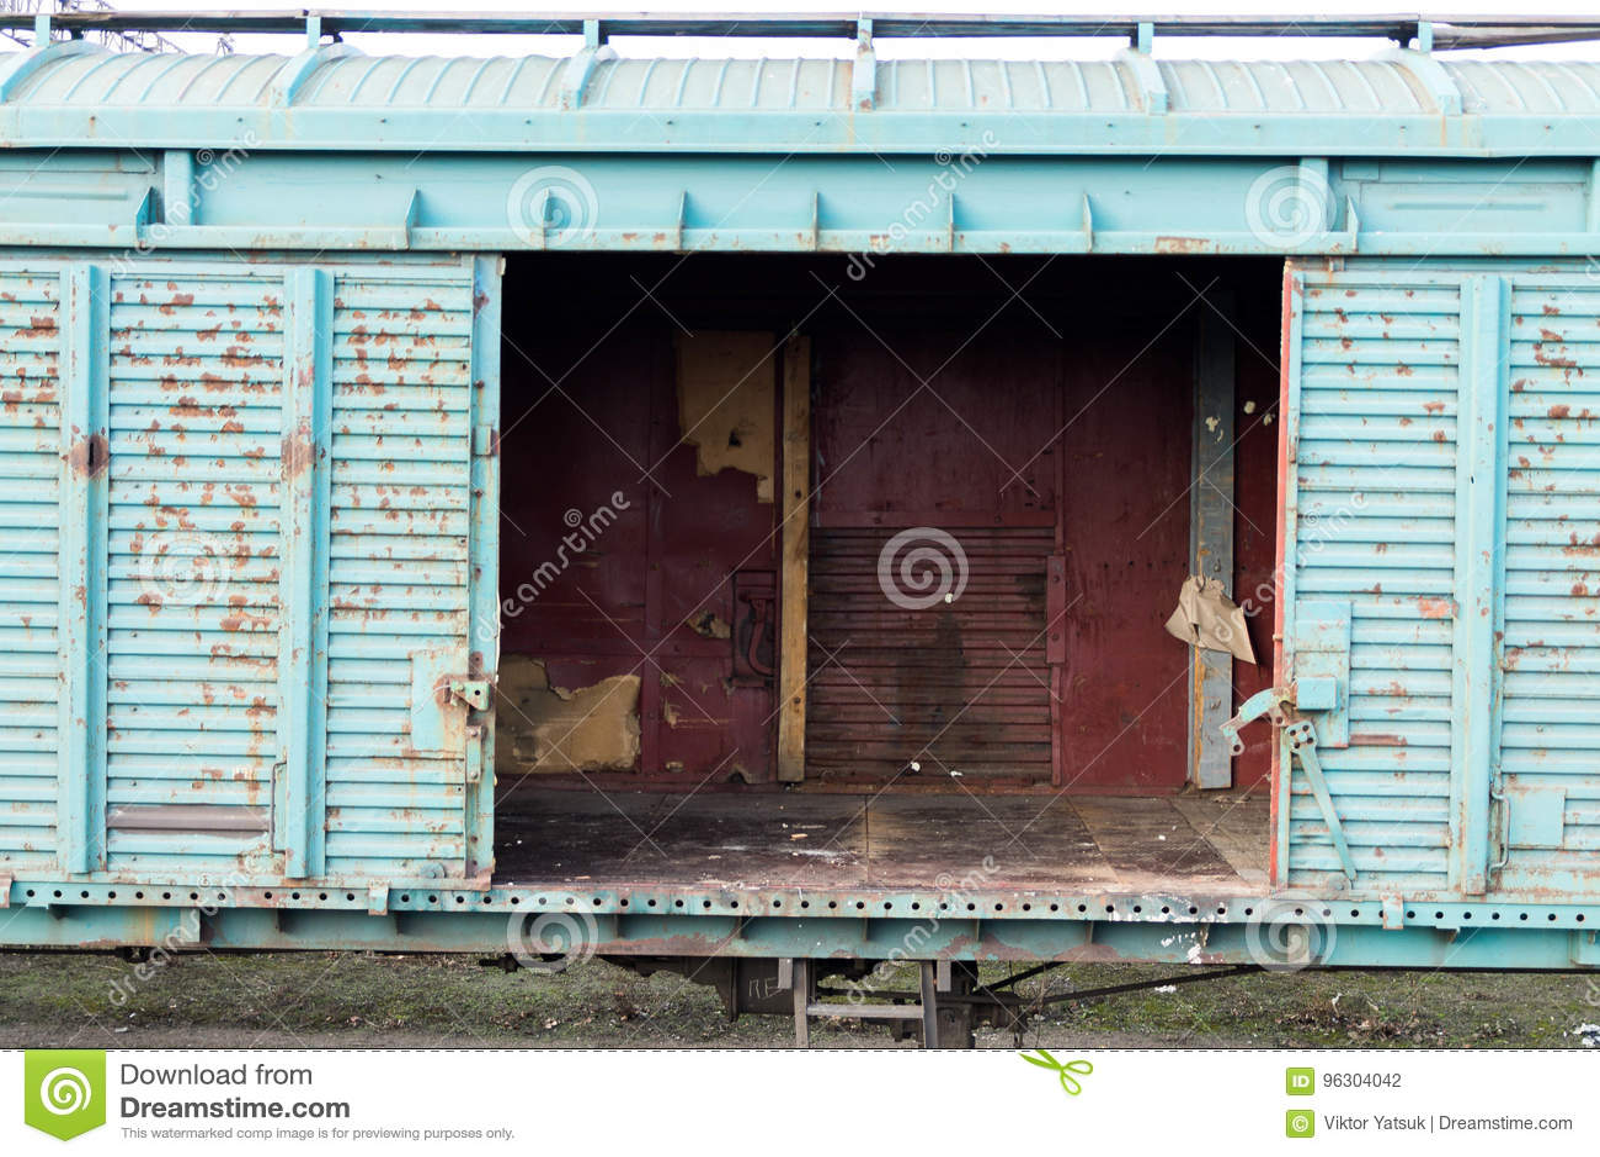 Βαγόνι εμπορευμάτων με τις ανοιχτές πόρτες